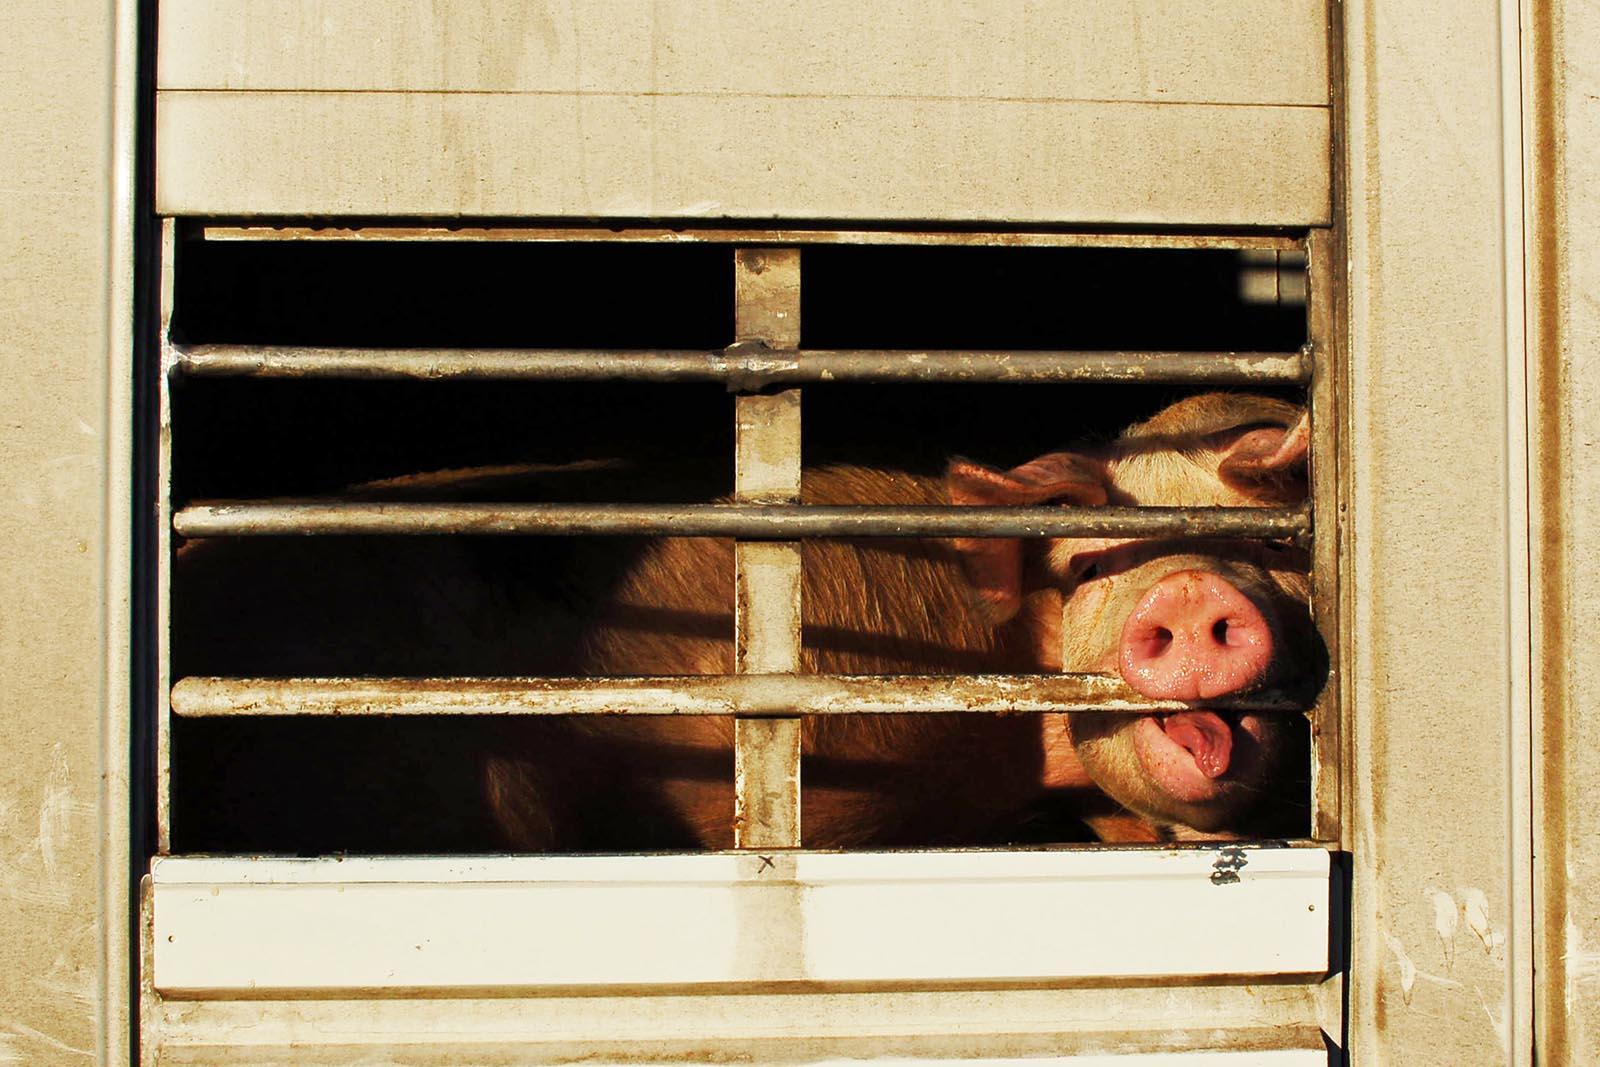 Tiertransporte bei Hitze: Viele Tiere sterben schon während der Fahrt